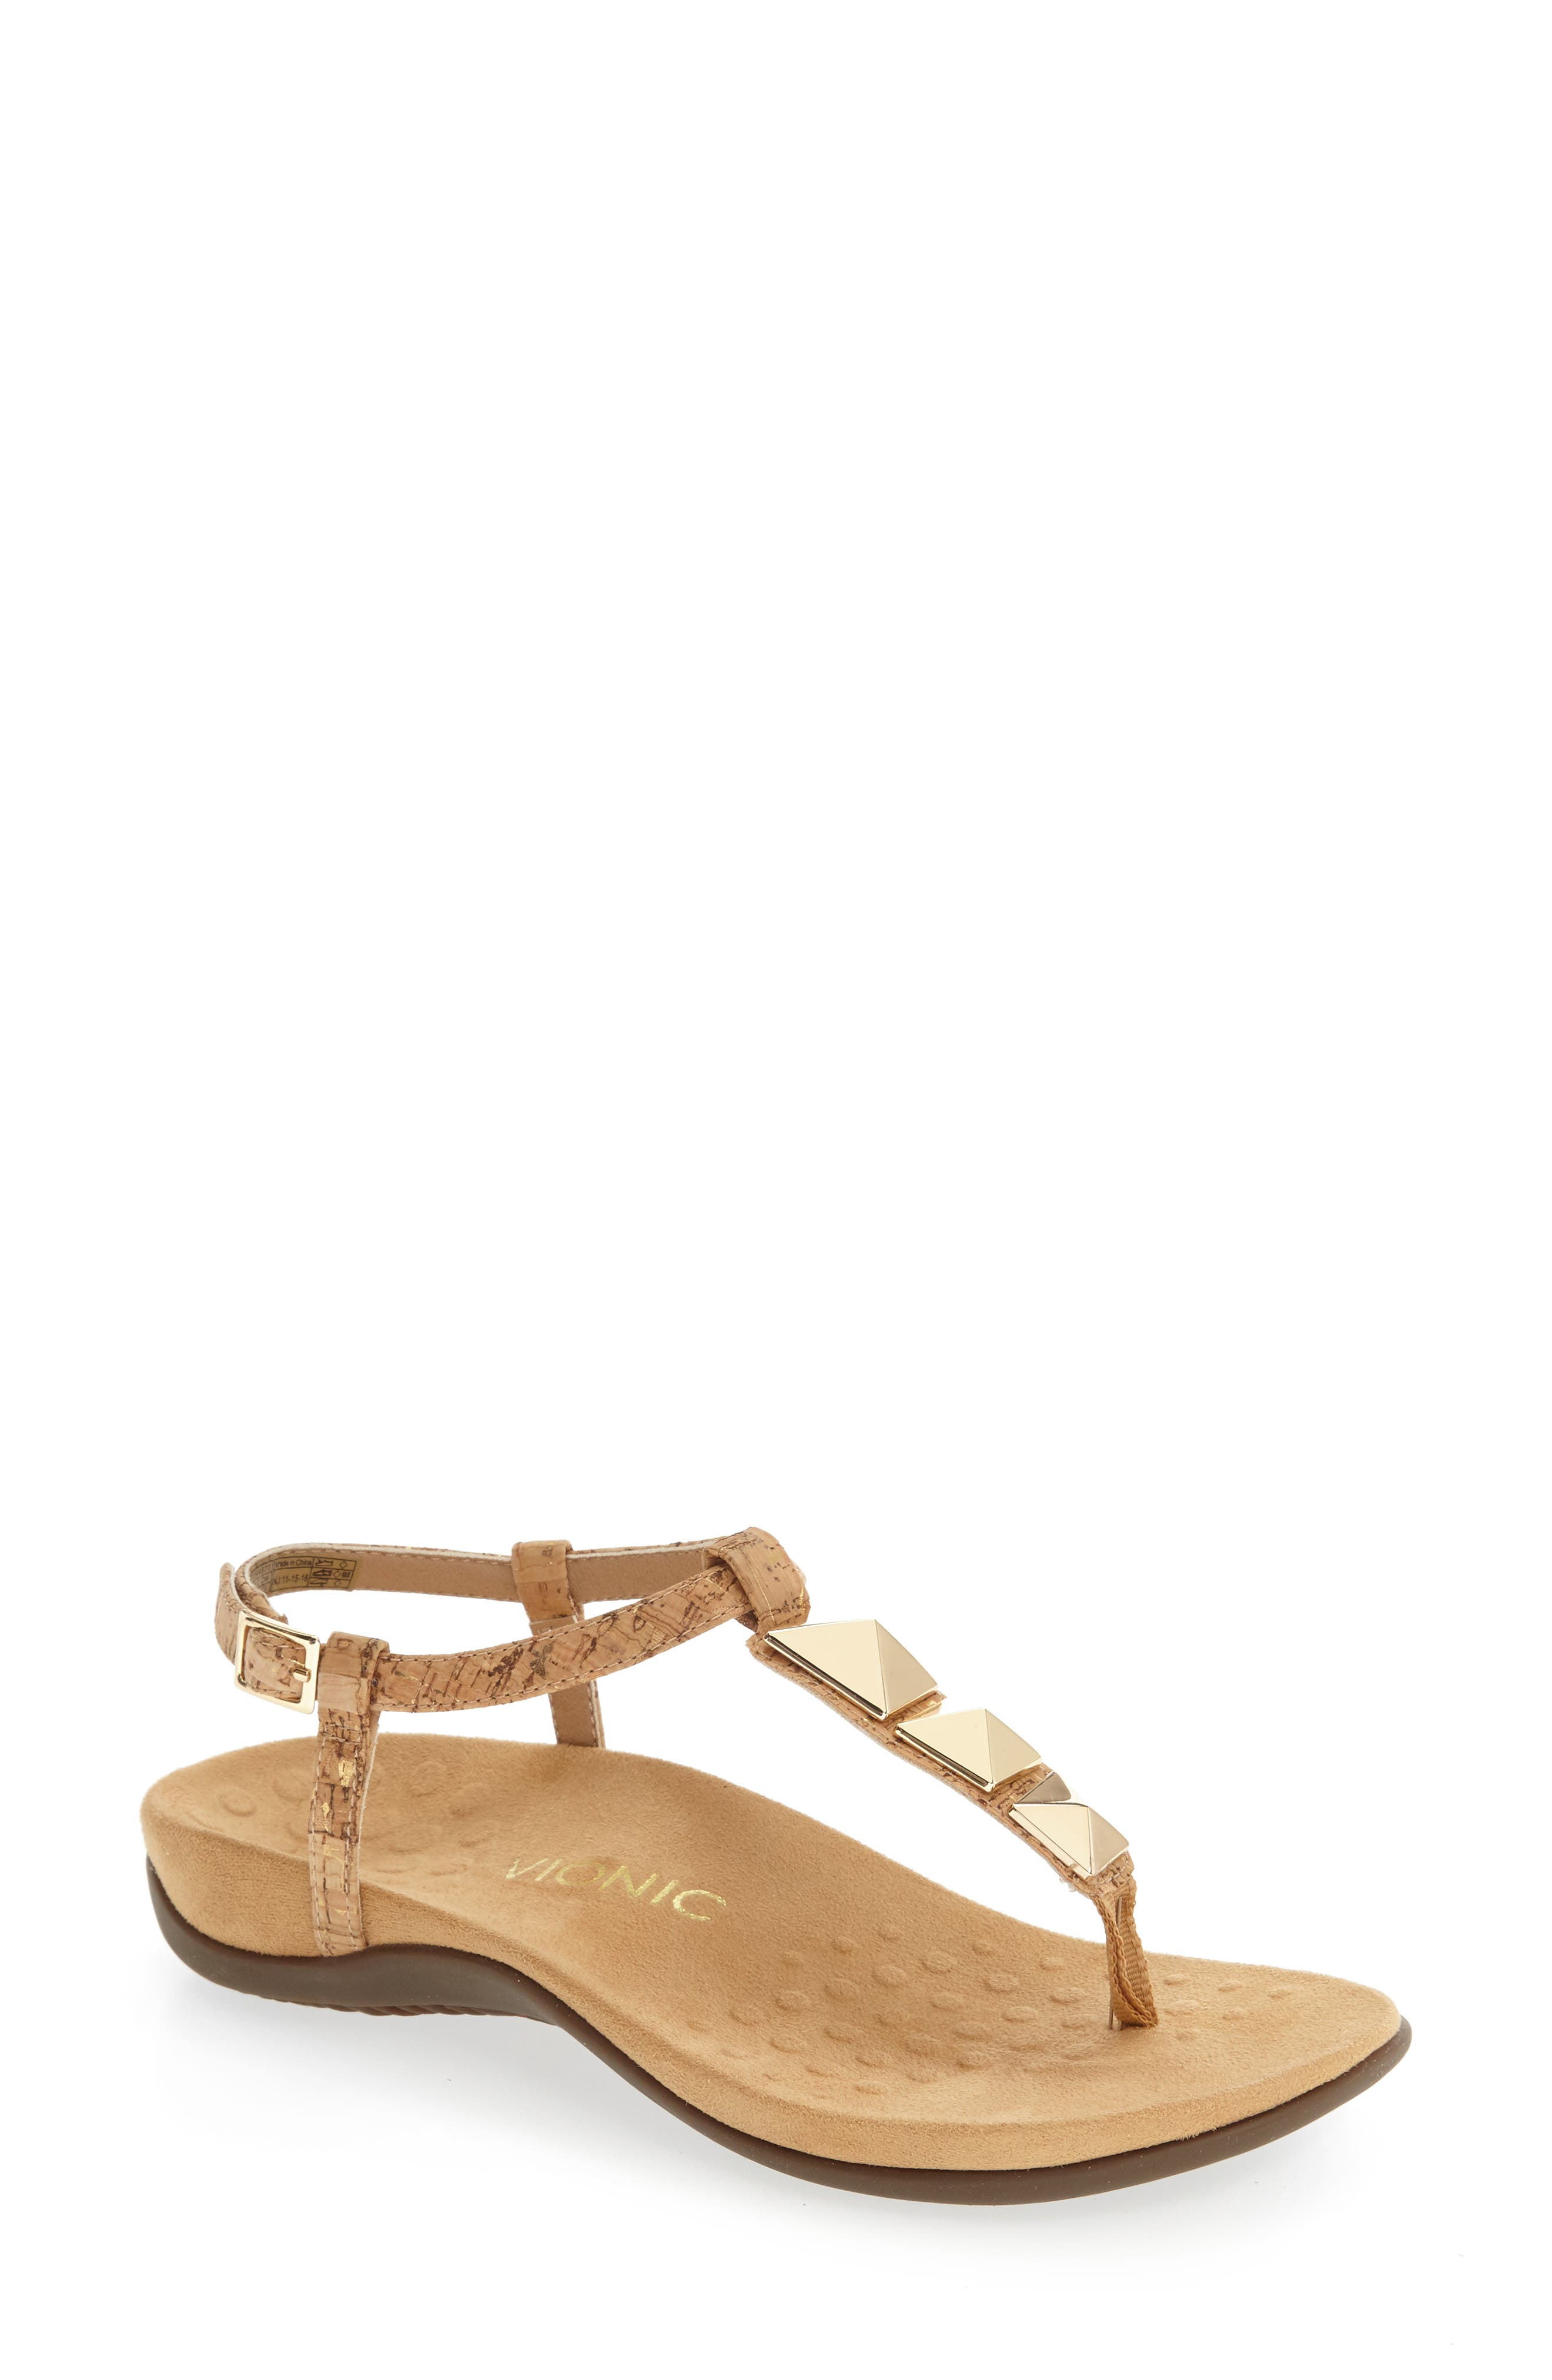 Nala T-Strap Sandal,                             Main thumbnail 3, color,